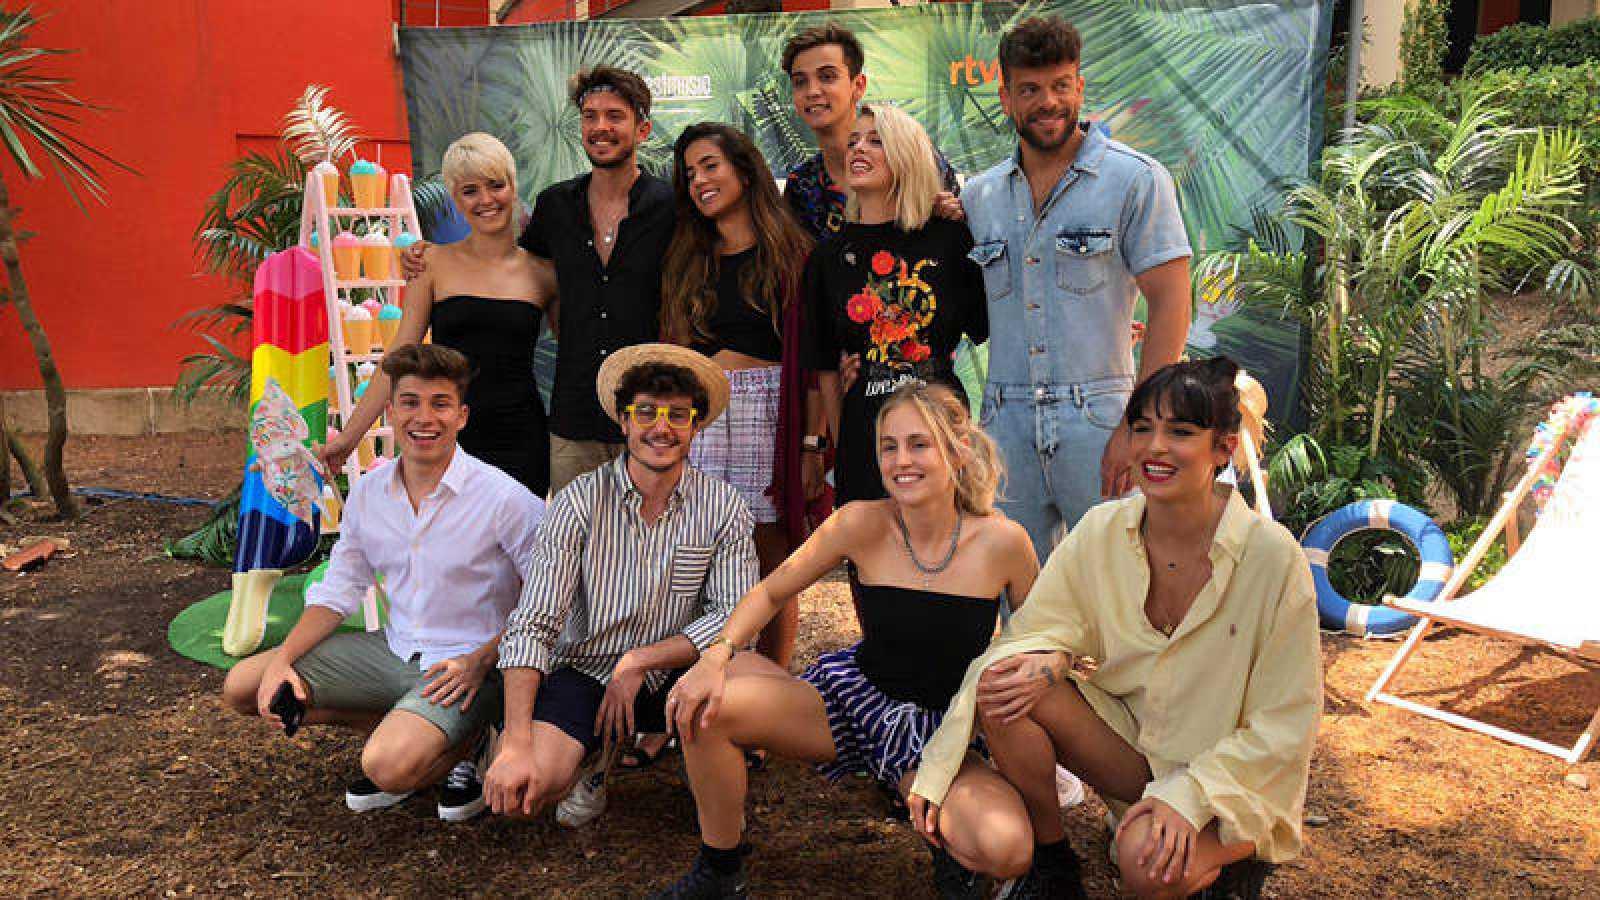 Los concursantes de OT 2017 y OT 2018 en el OT Fest